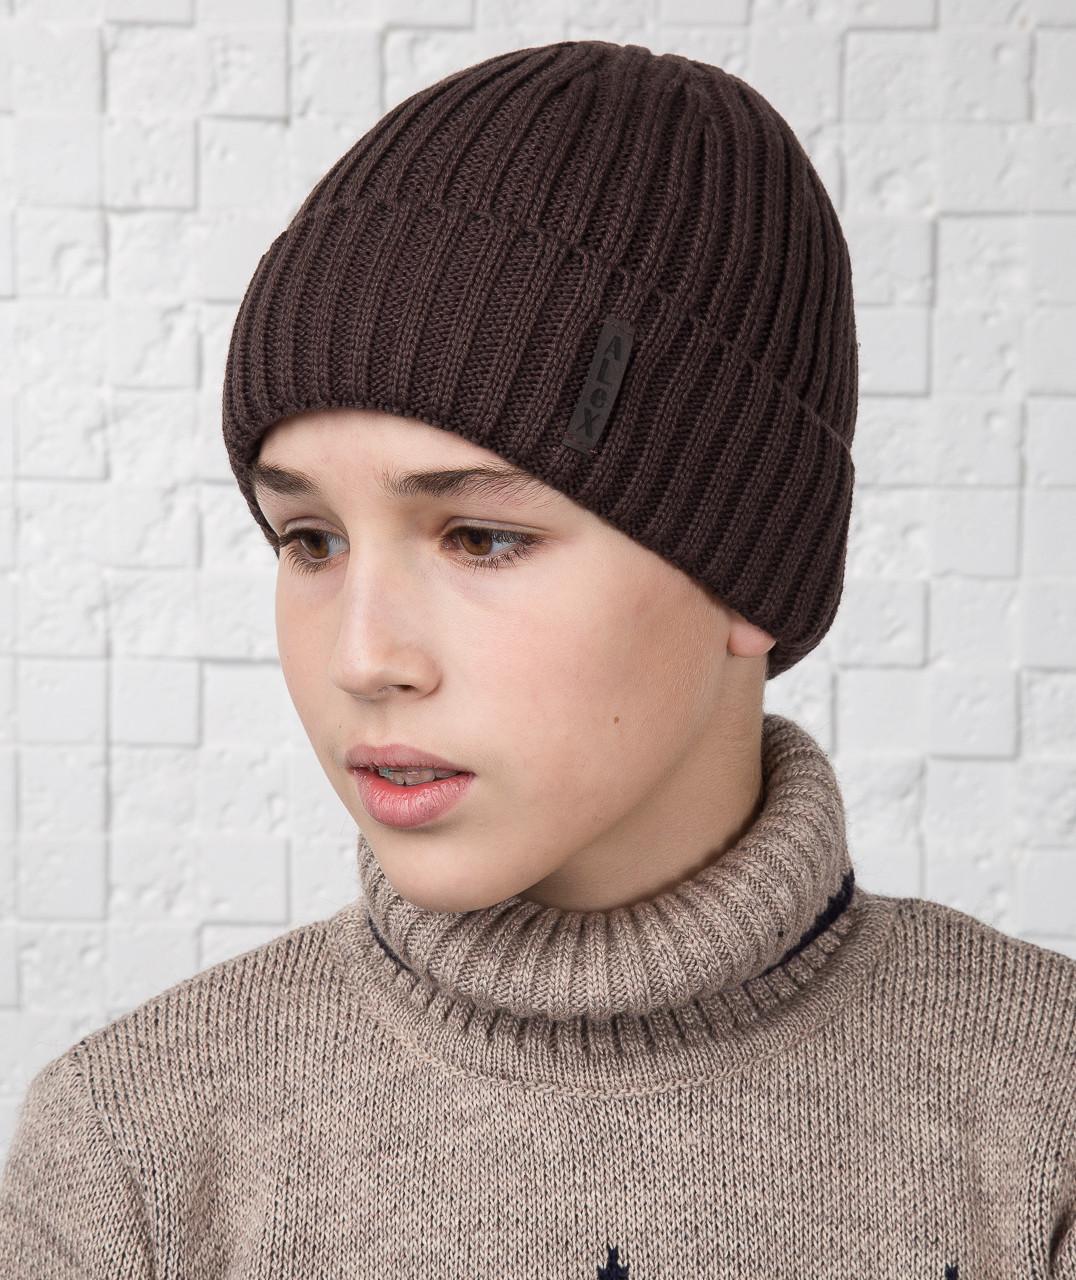 Зимняя вязаная шапка для мальчика подростка на флисе (кофе) - Артикул AL17030